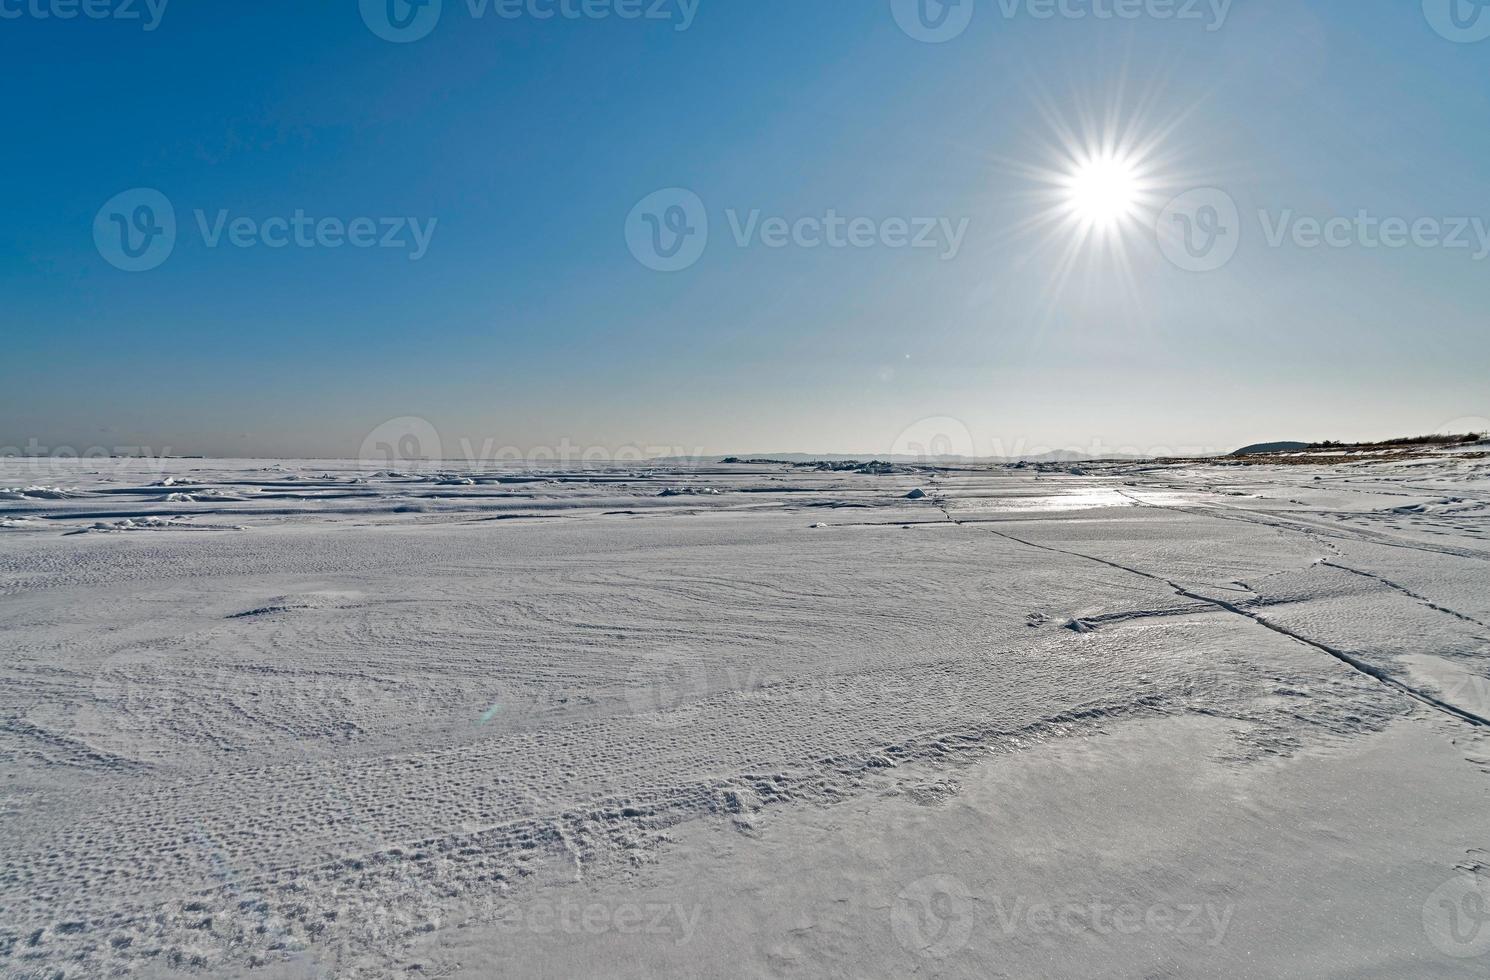 die Natur der Insel Sakhalin, Russland. foto